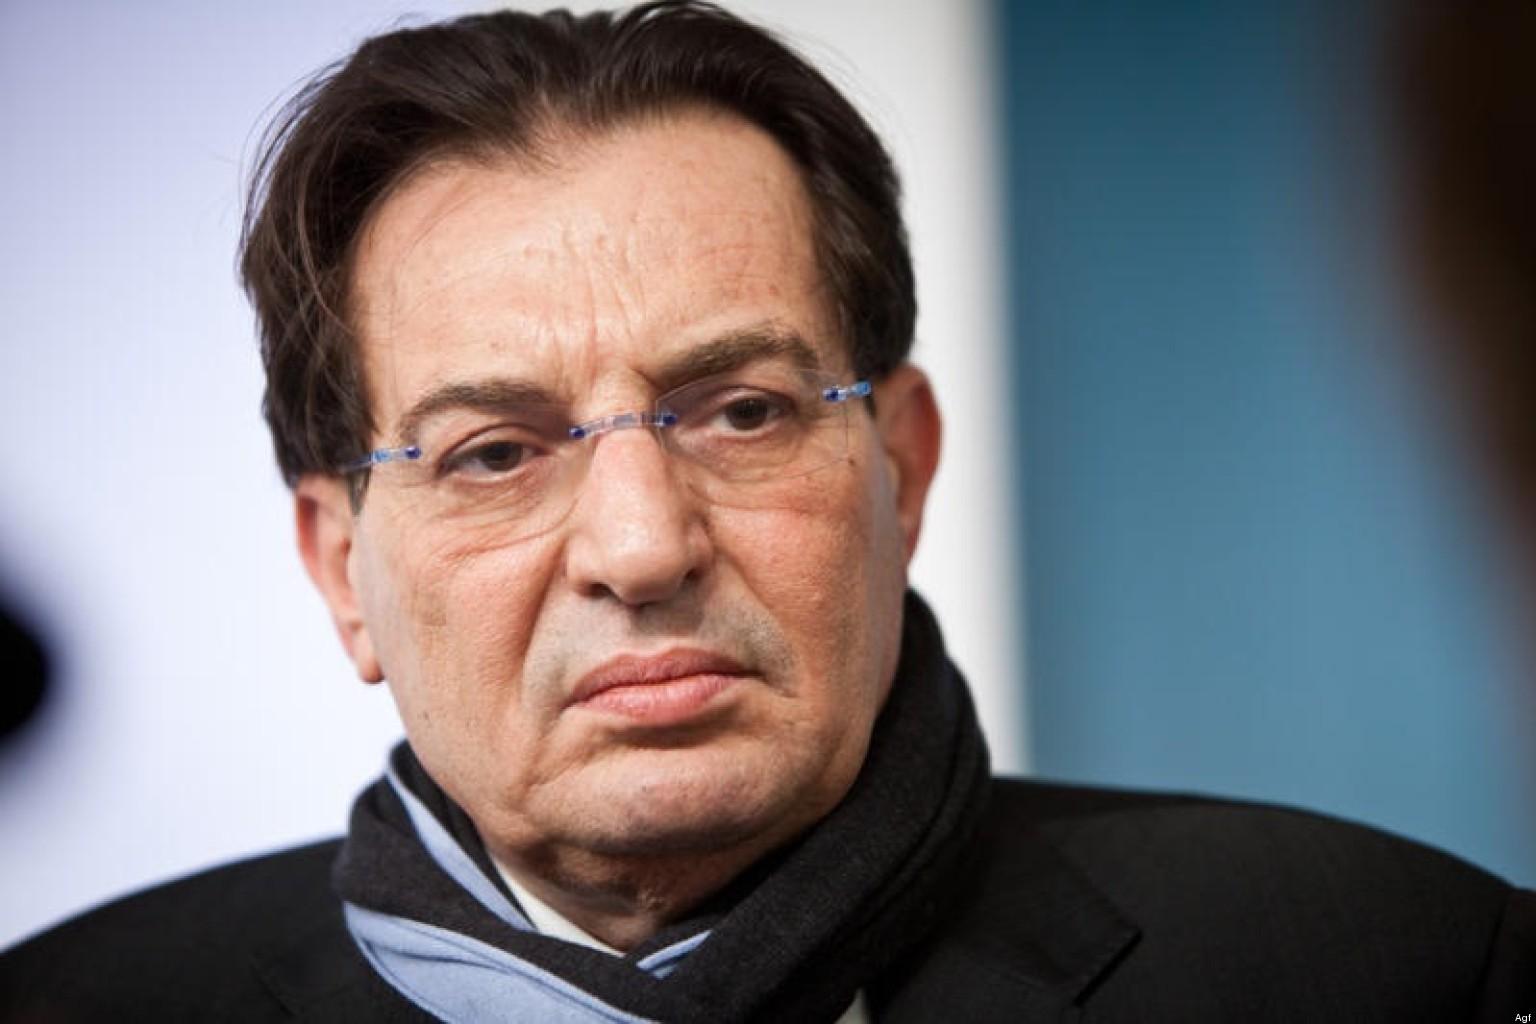 """Crocetta: """"Sicilia in ginocchio; azzerati contributi per lotta alla mafia""""$"""